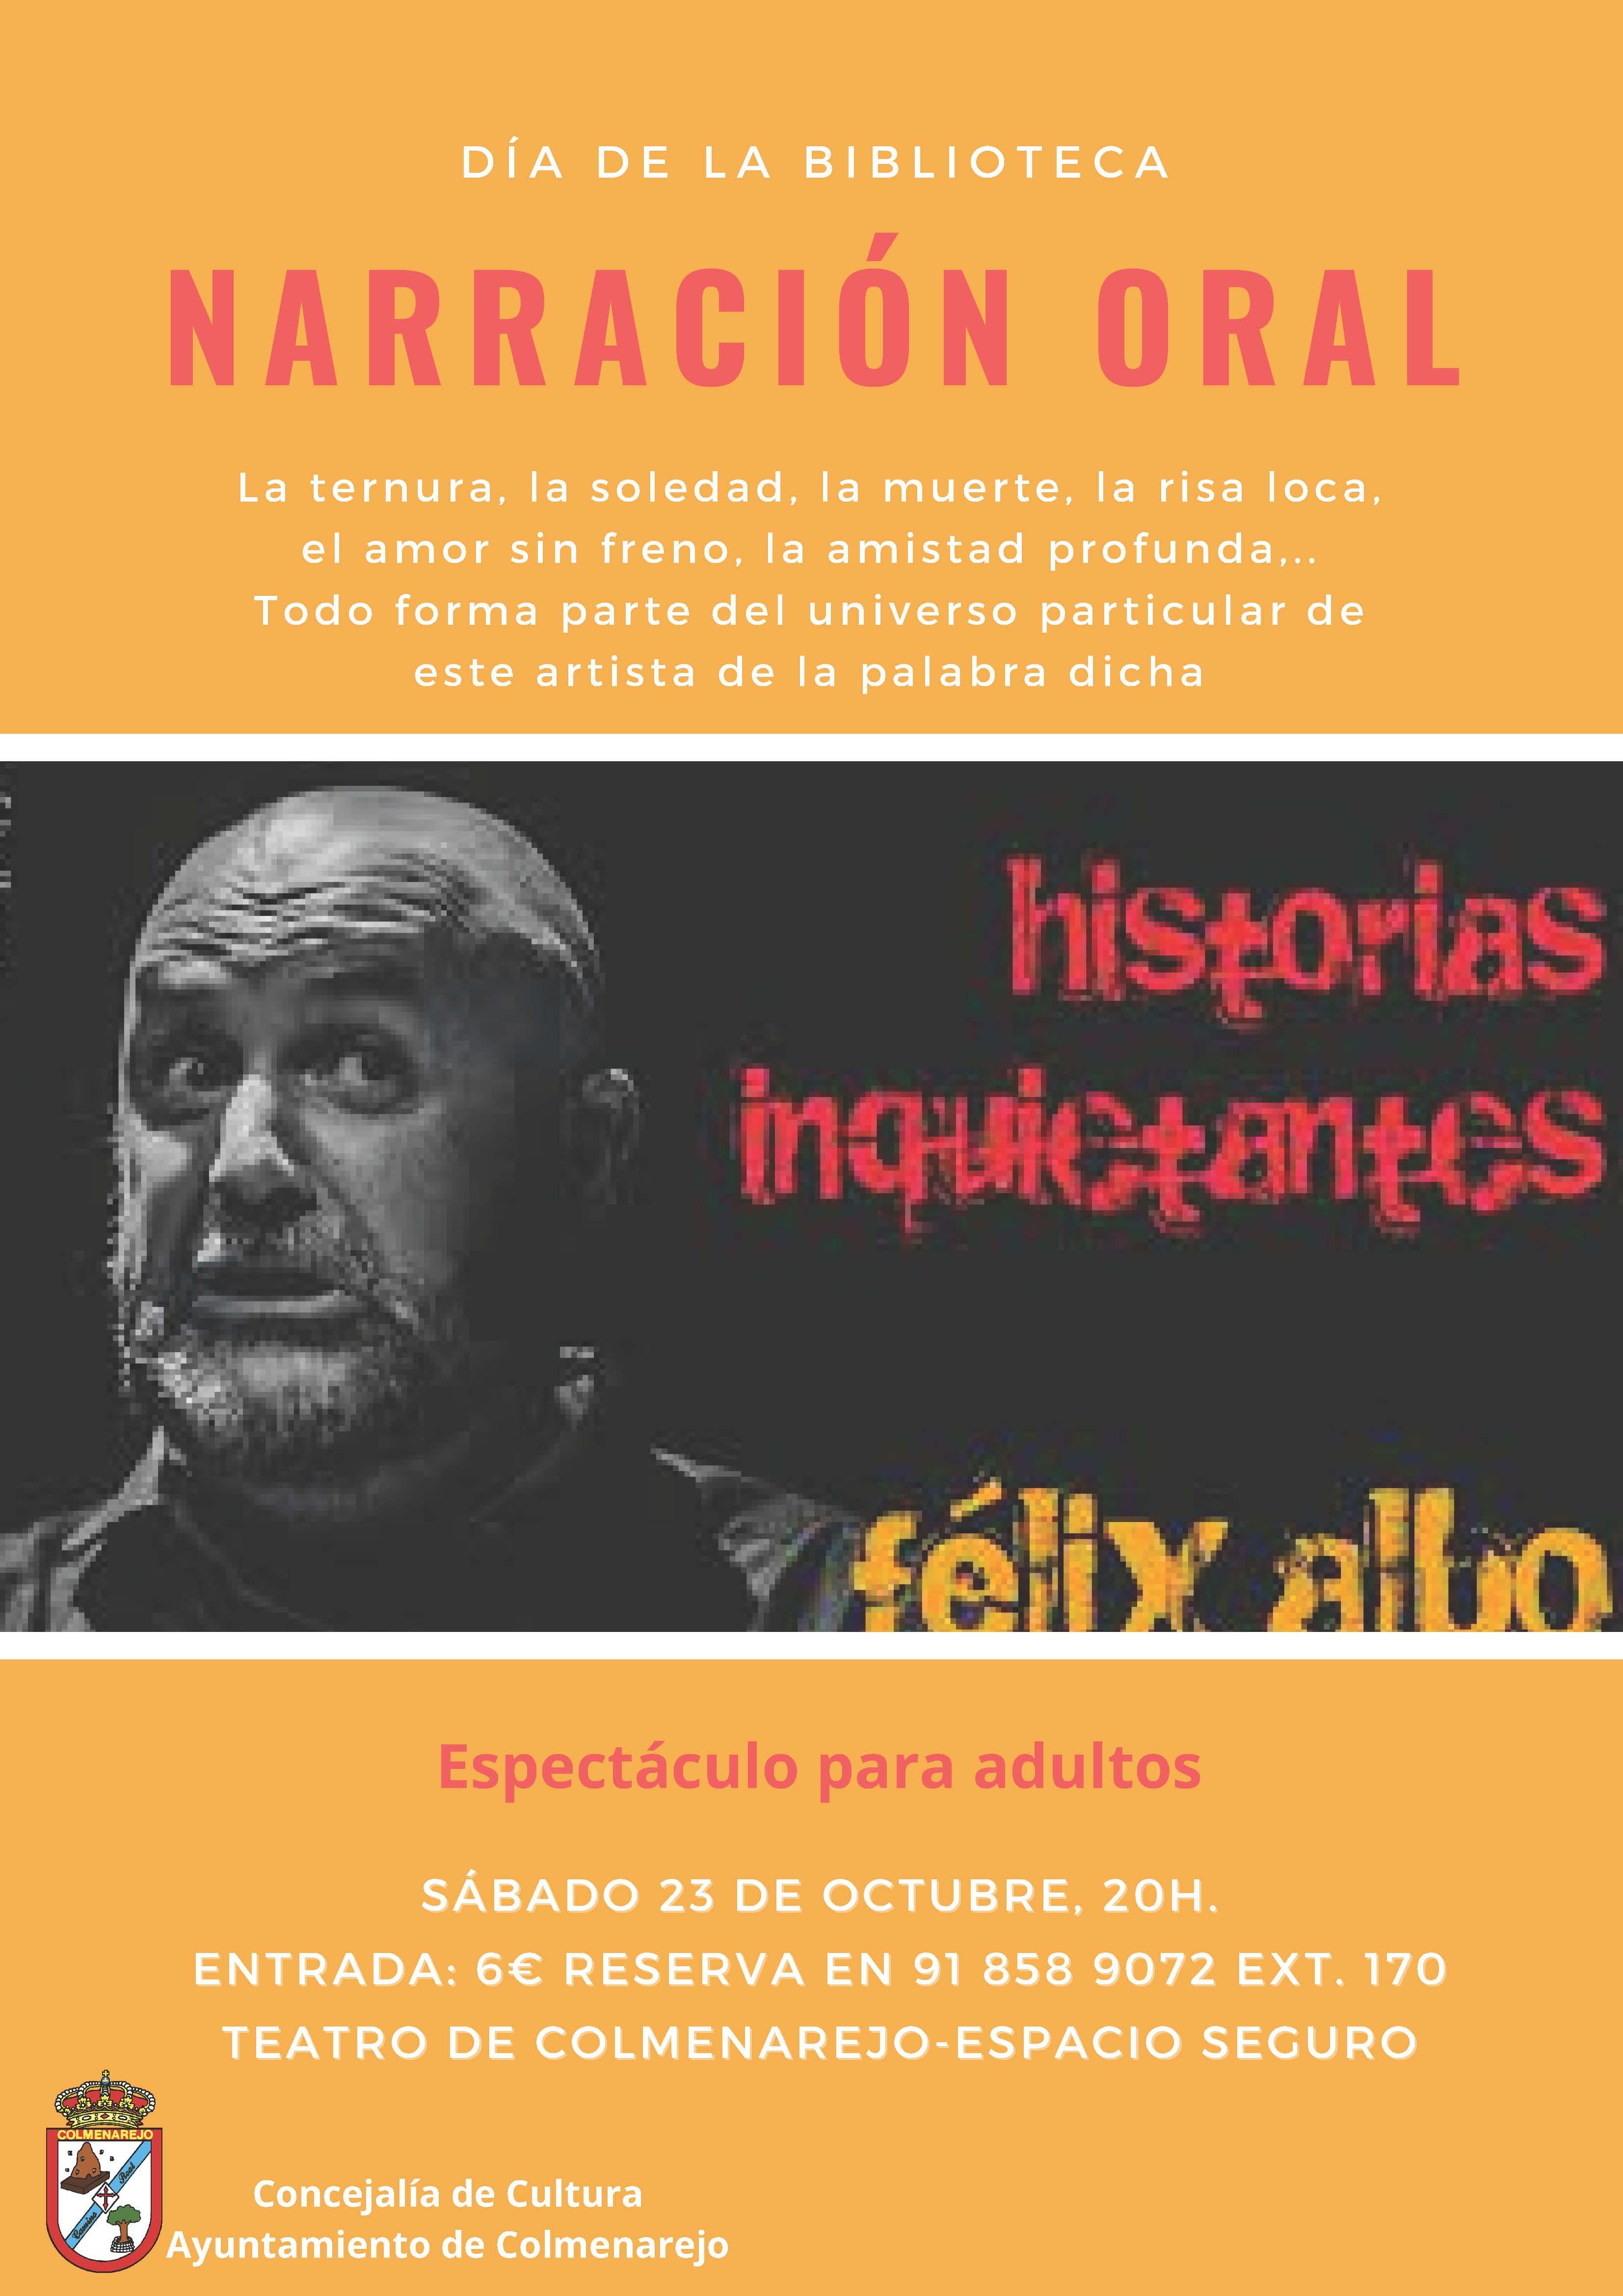 Narración adultos: HISTORIAS INQUIETANTES @ Teatro de Colmenarejo